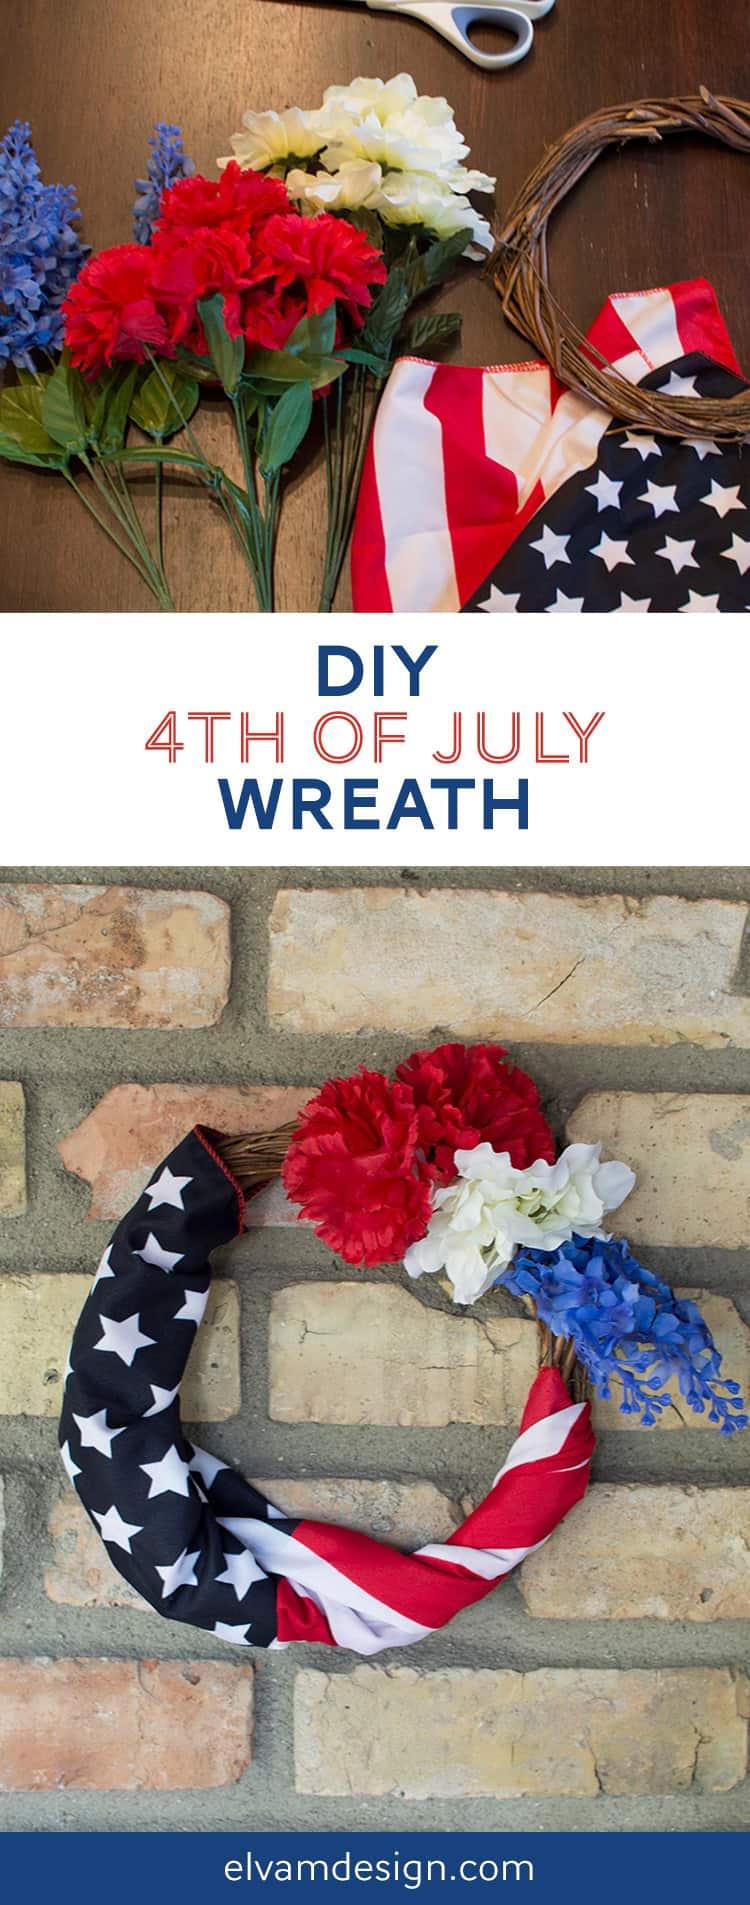 DIY 4th of July Wreath Tutorial from Elvamdesign.com